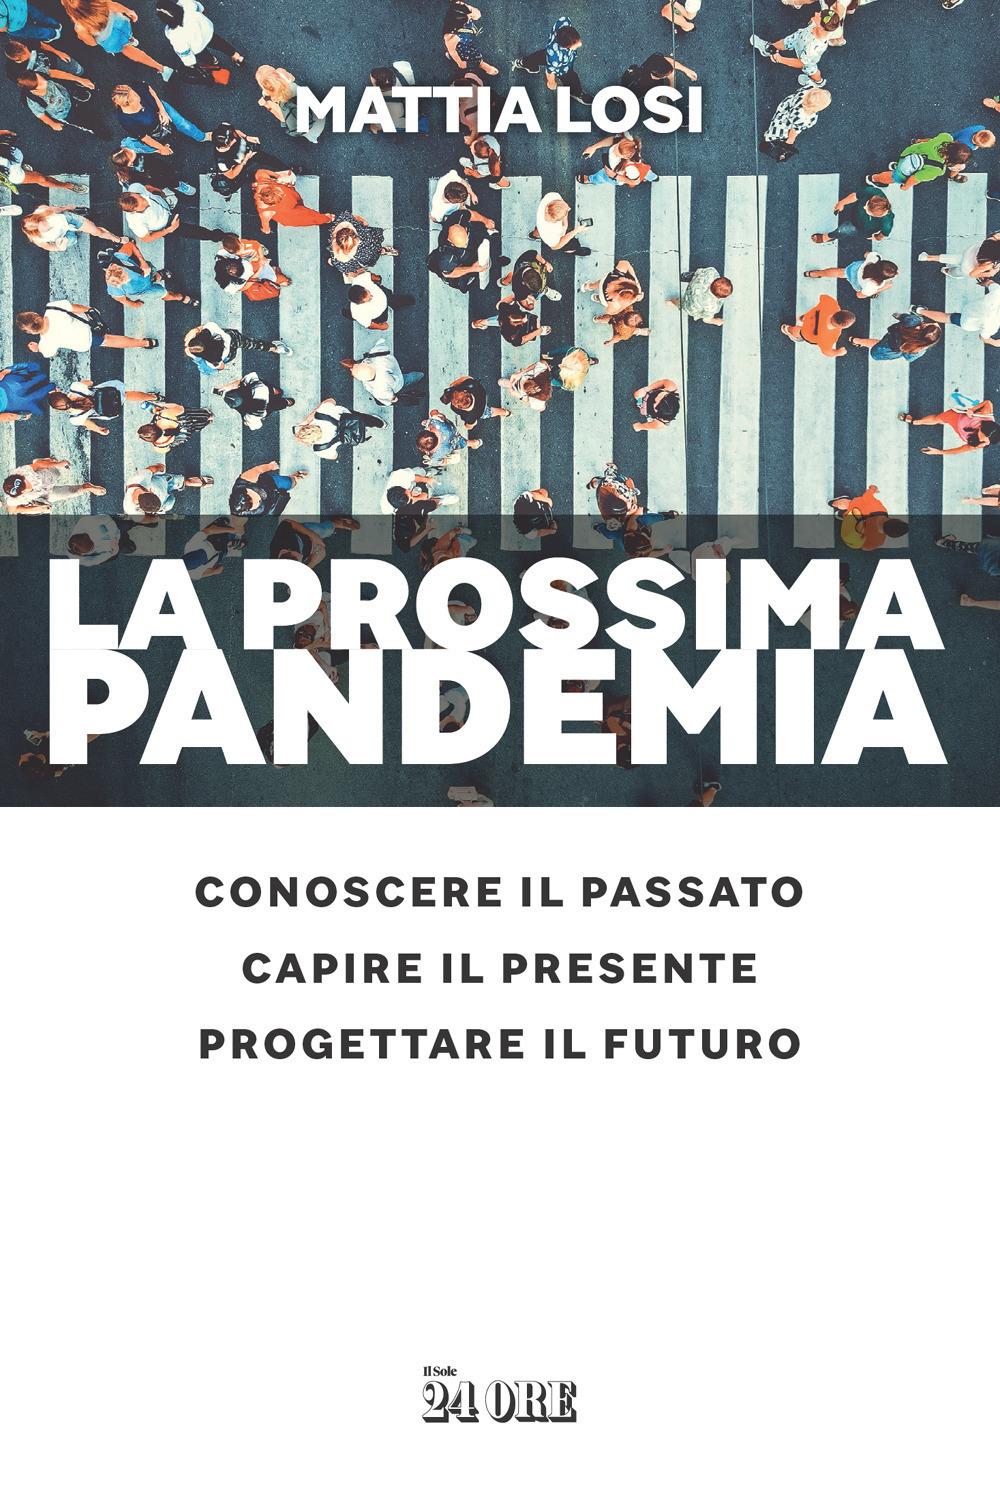 PROSSIMA PANDEMIA. CONOSCERE IL PASSATO, CAPIRE IL PRESENTE, PROGETTARE IL FUTURO (LA) - Losi Mattia - 9788863457360